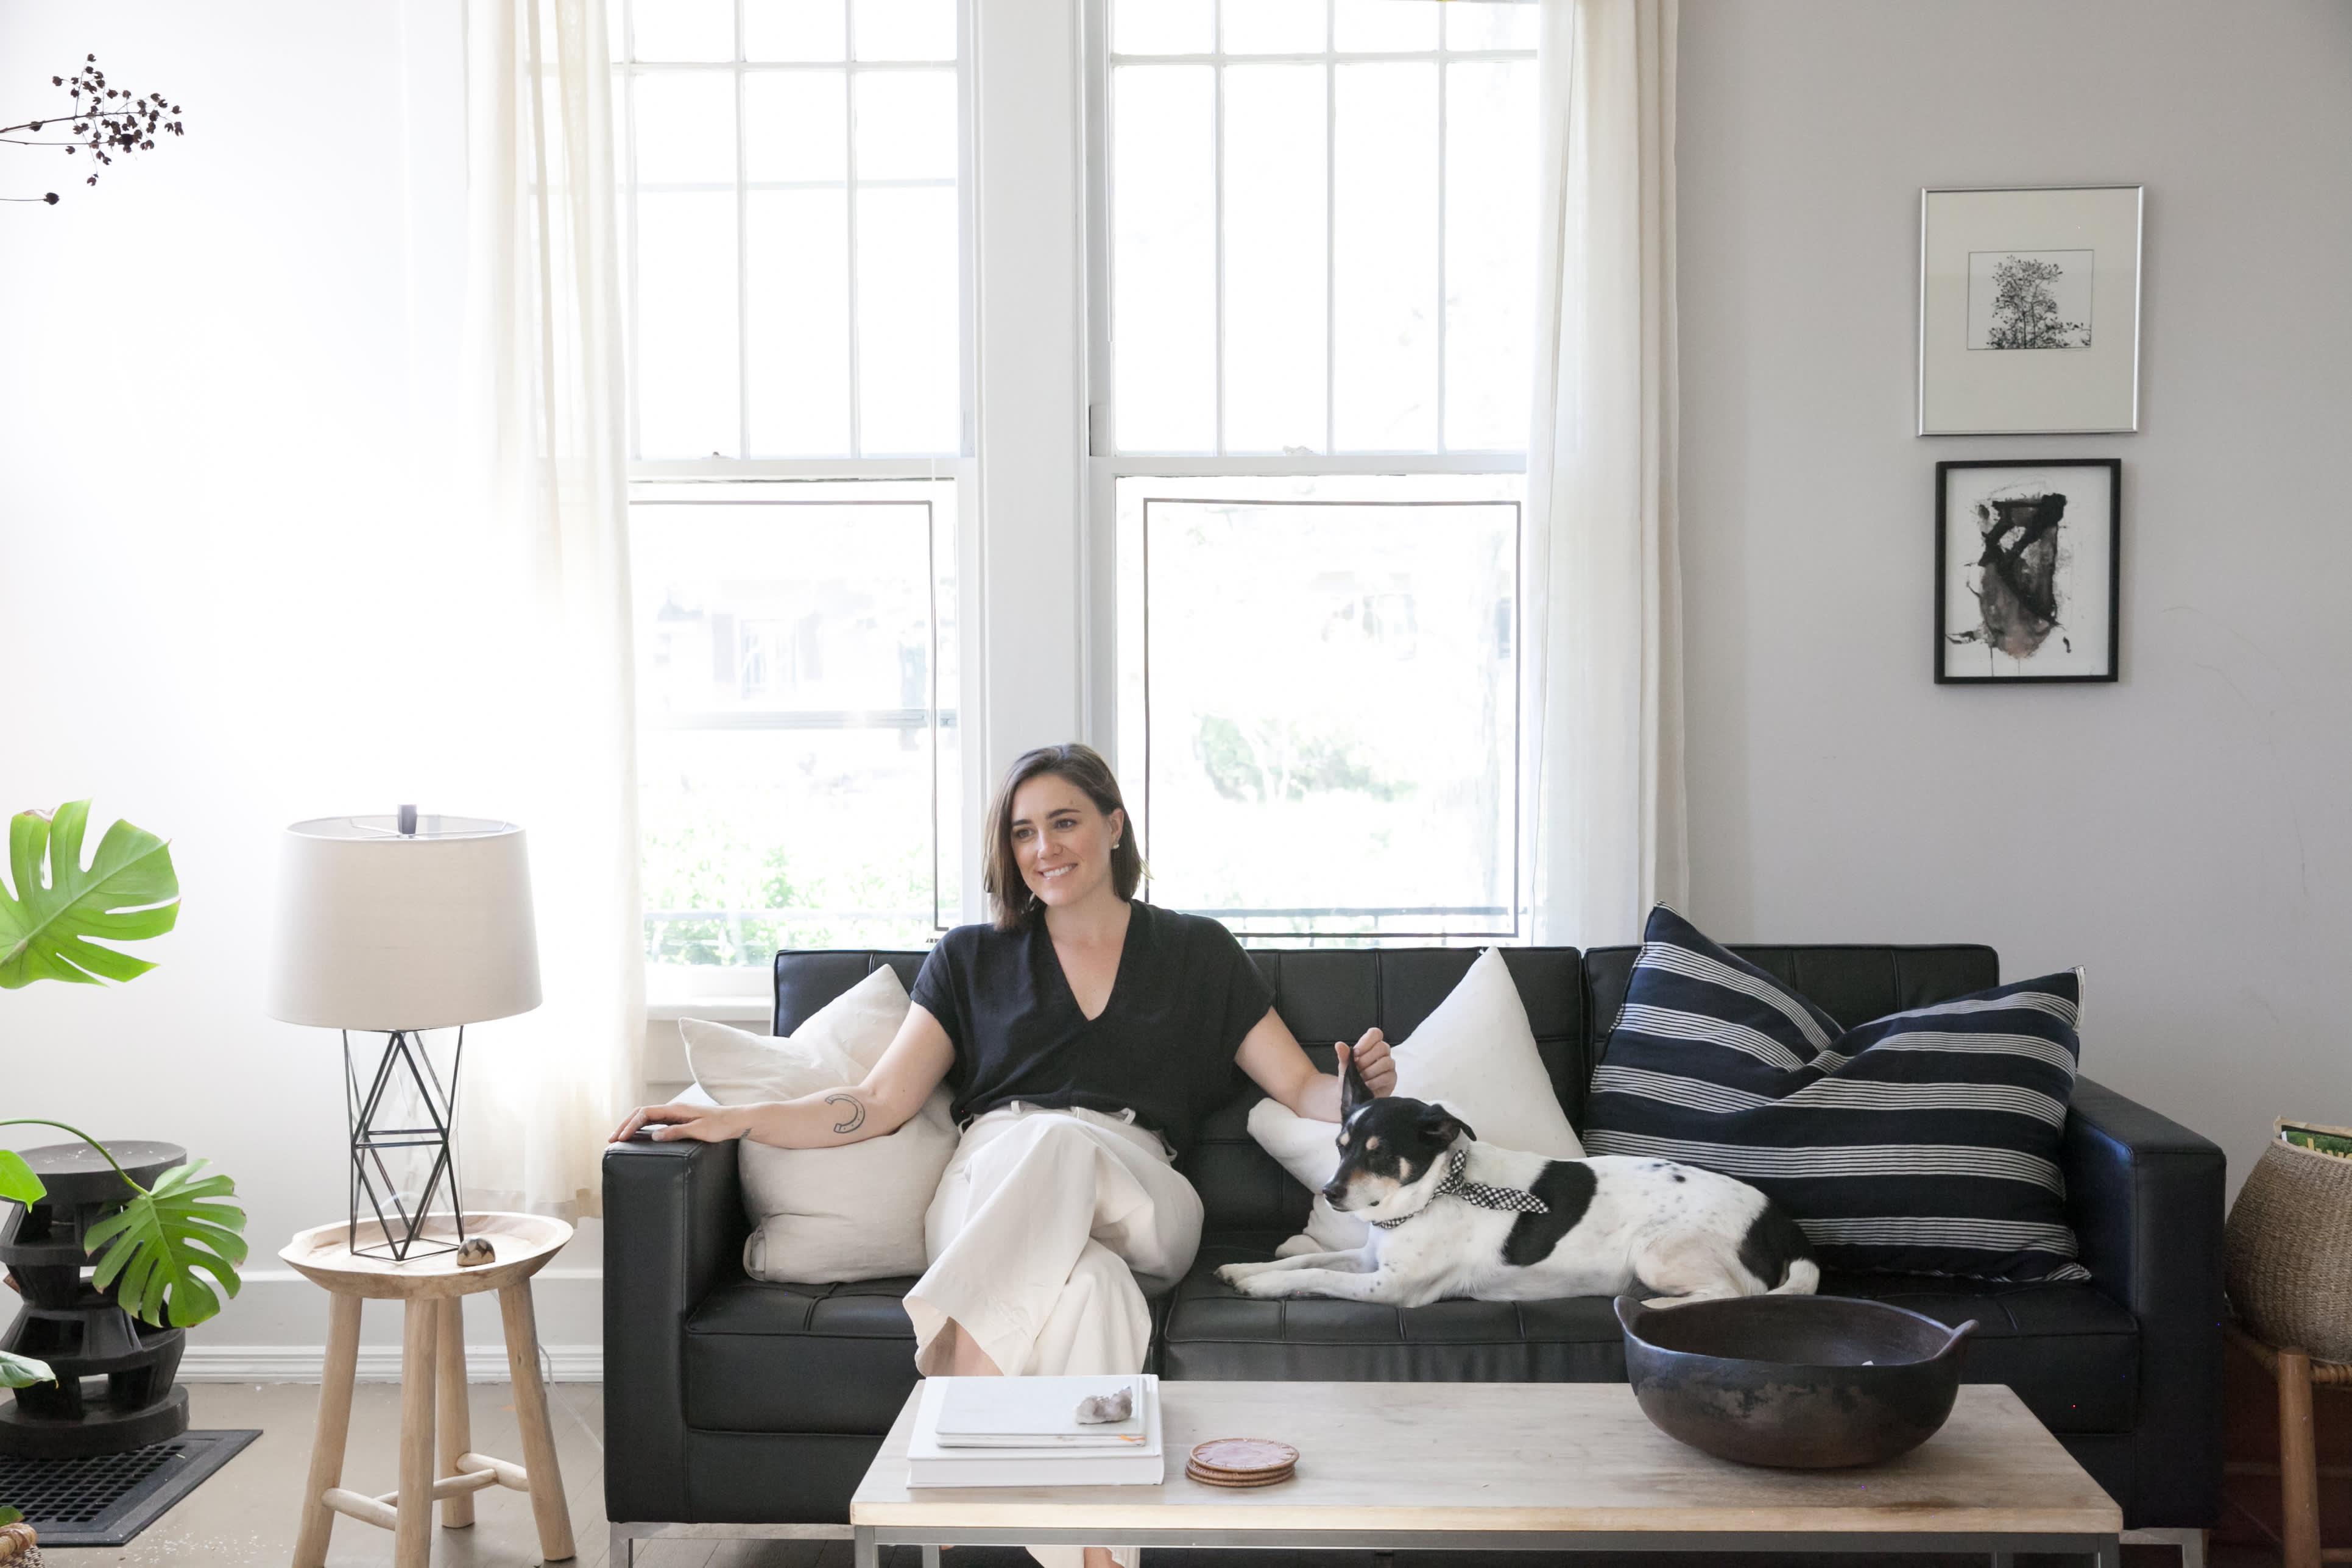 House Tour: A Simple Chic Nashville Rental Home | Apartment